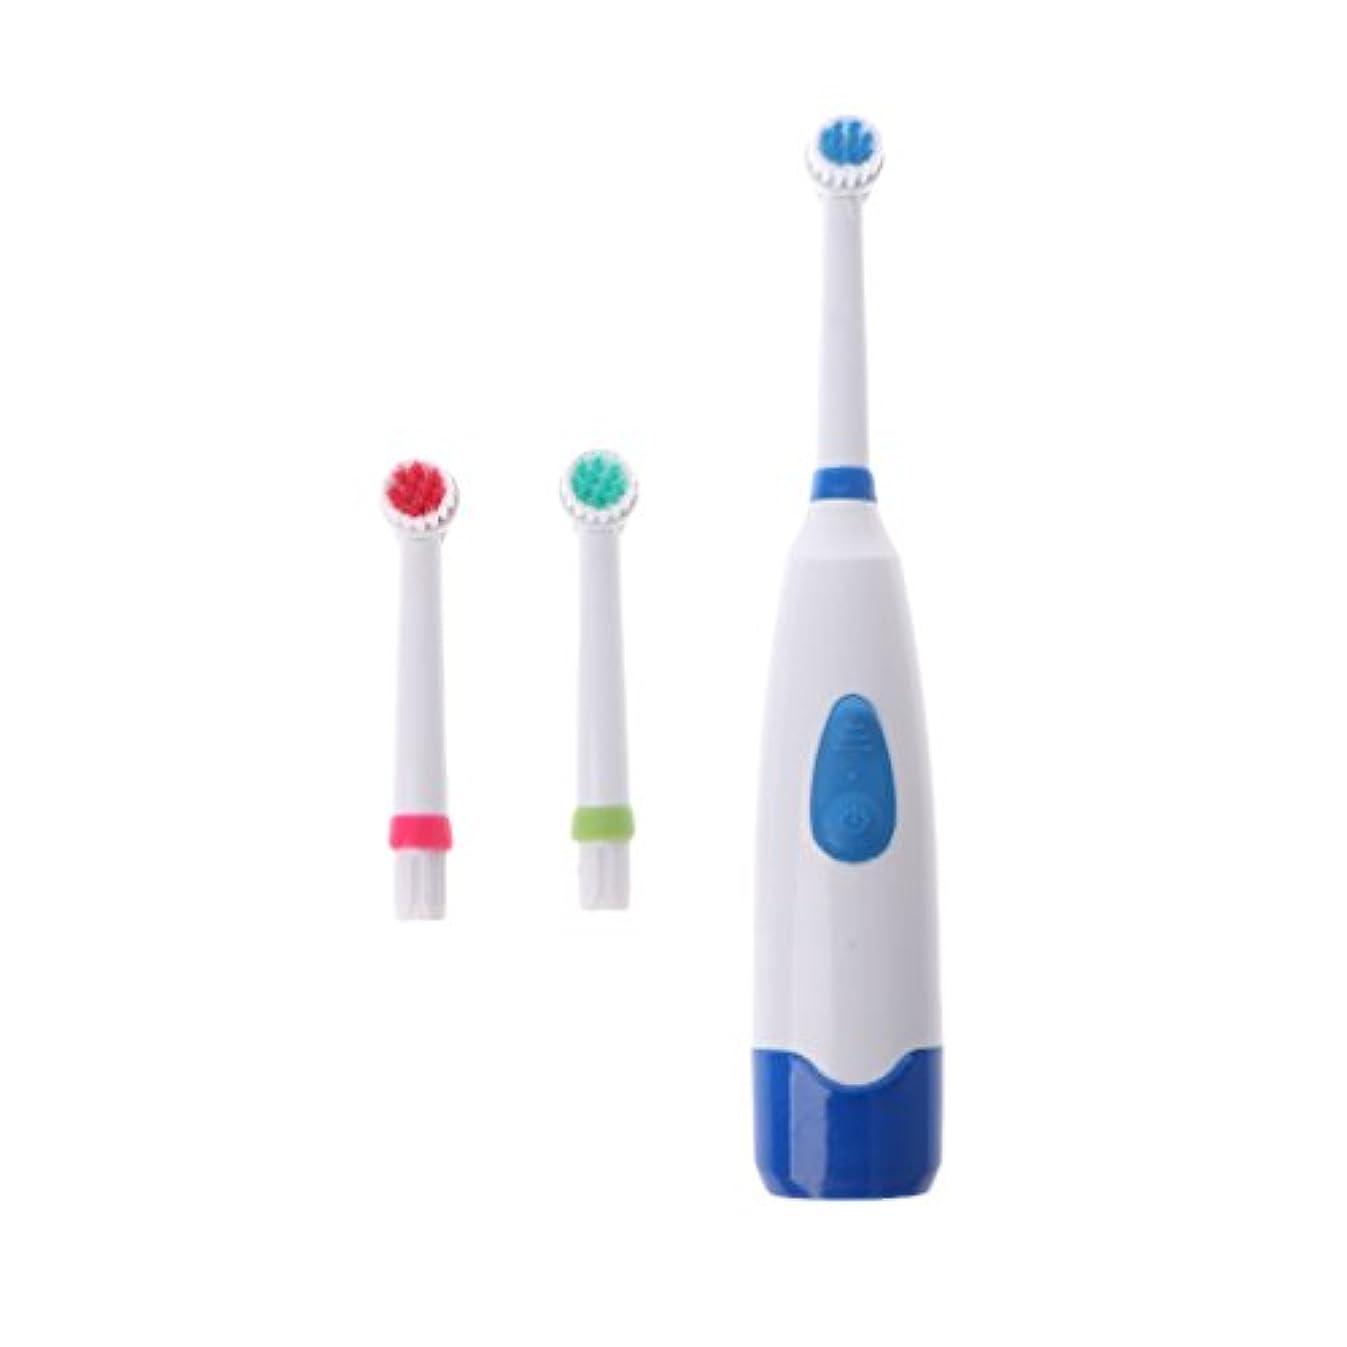 はっきりと熟読する組み立てるManyao 3ブラシヘッドで防水回転電動歯ブラシ (青)